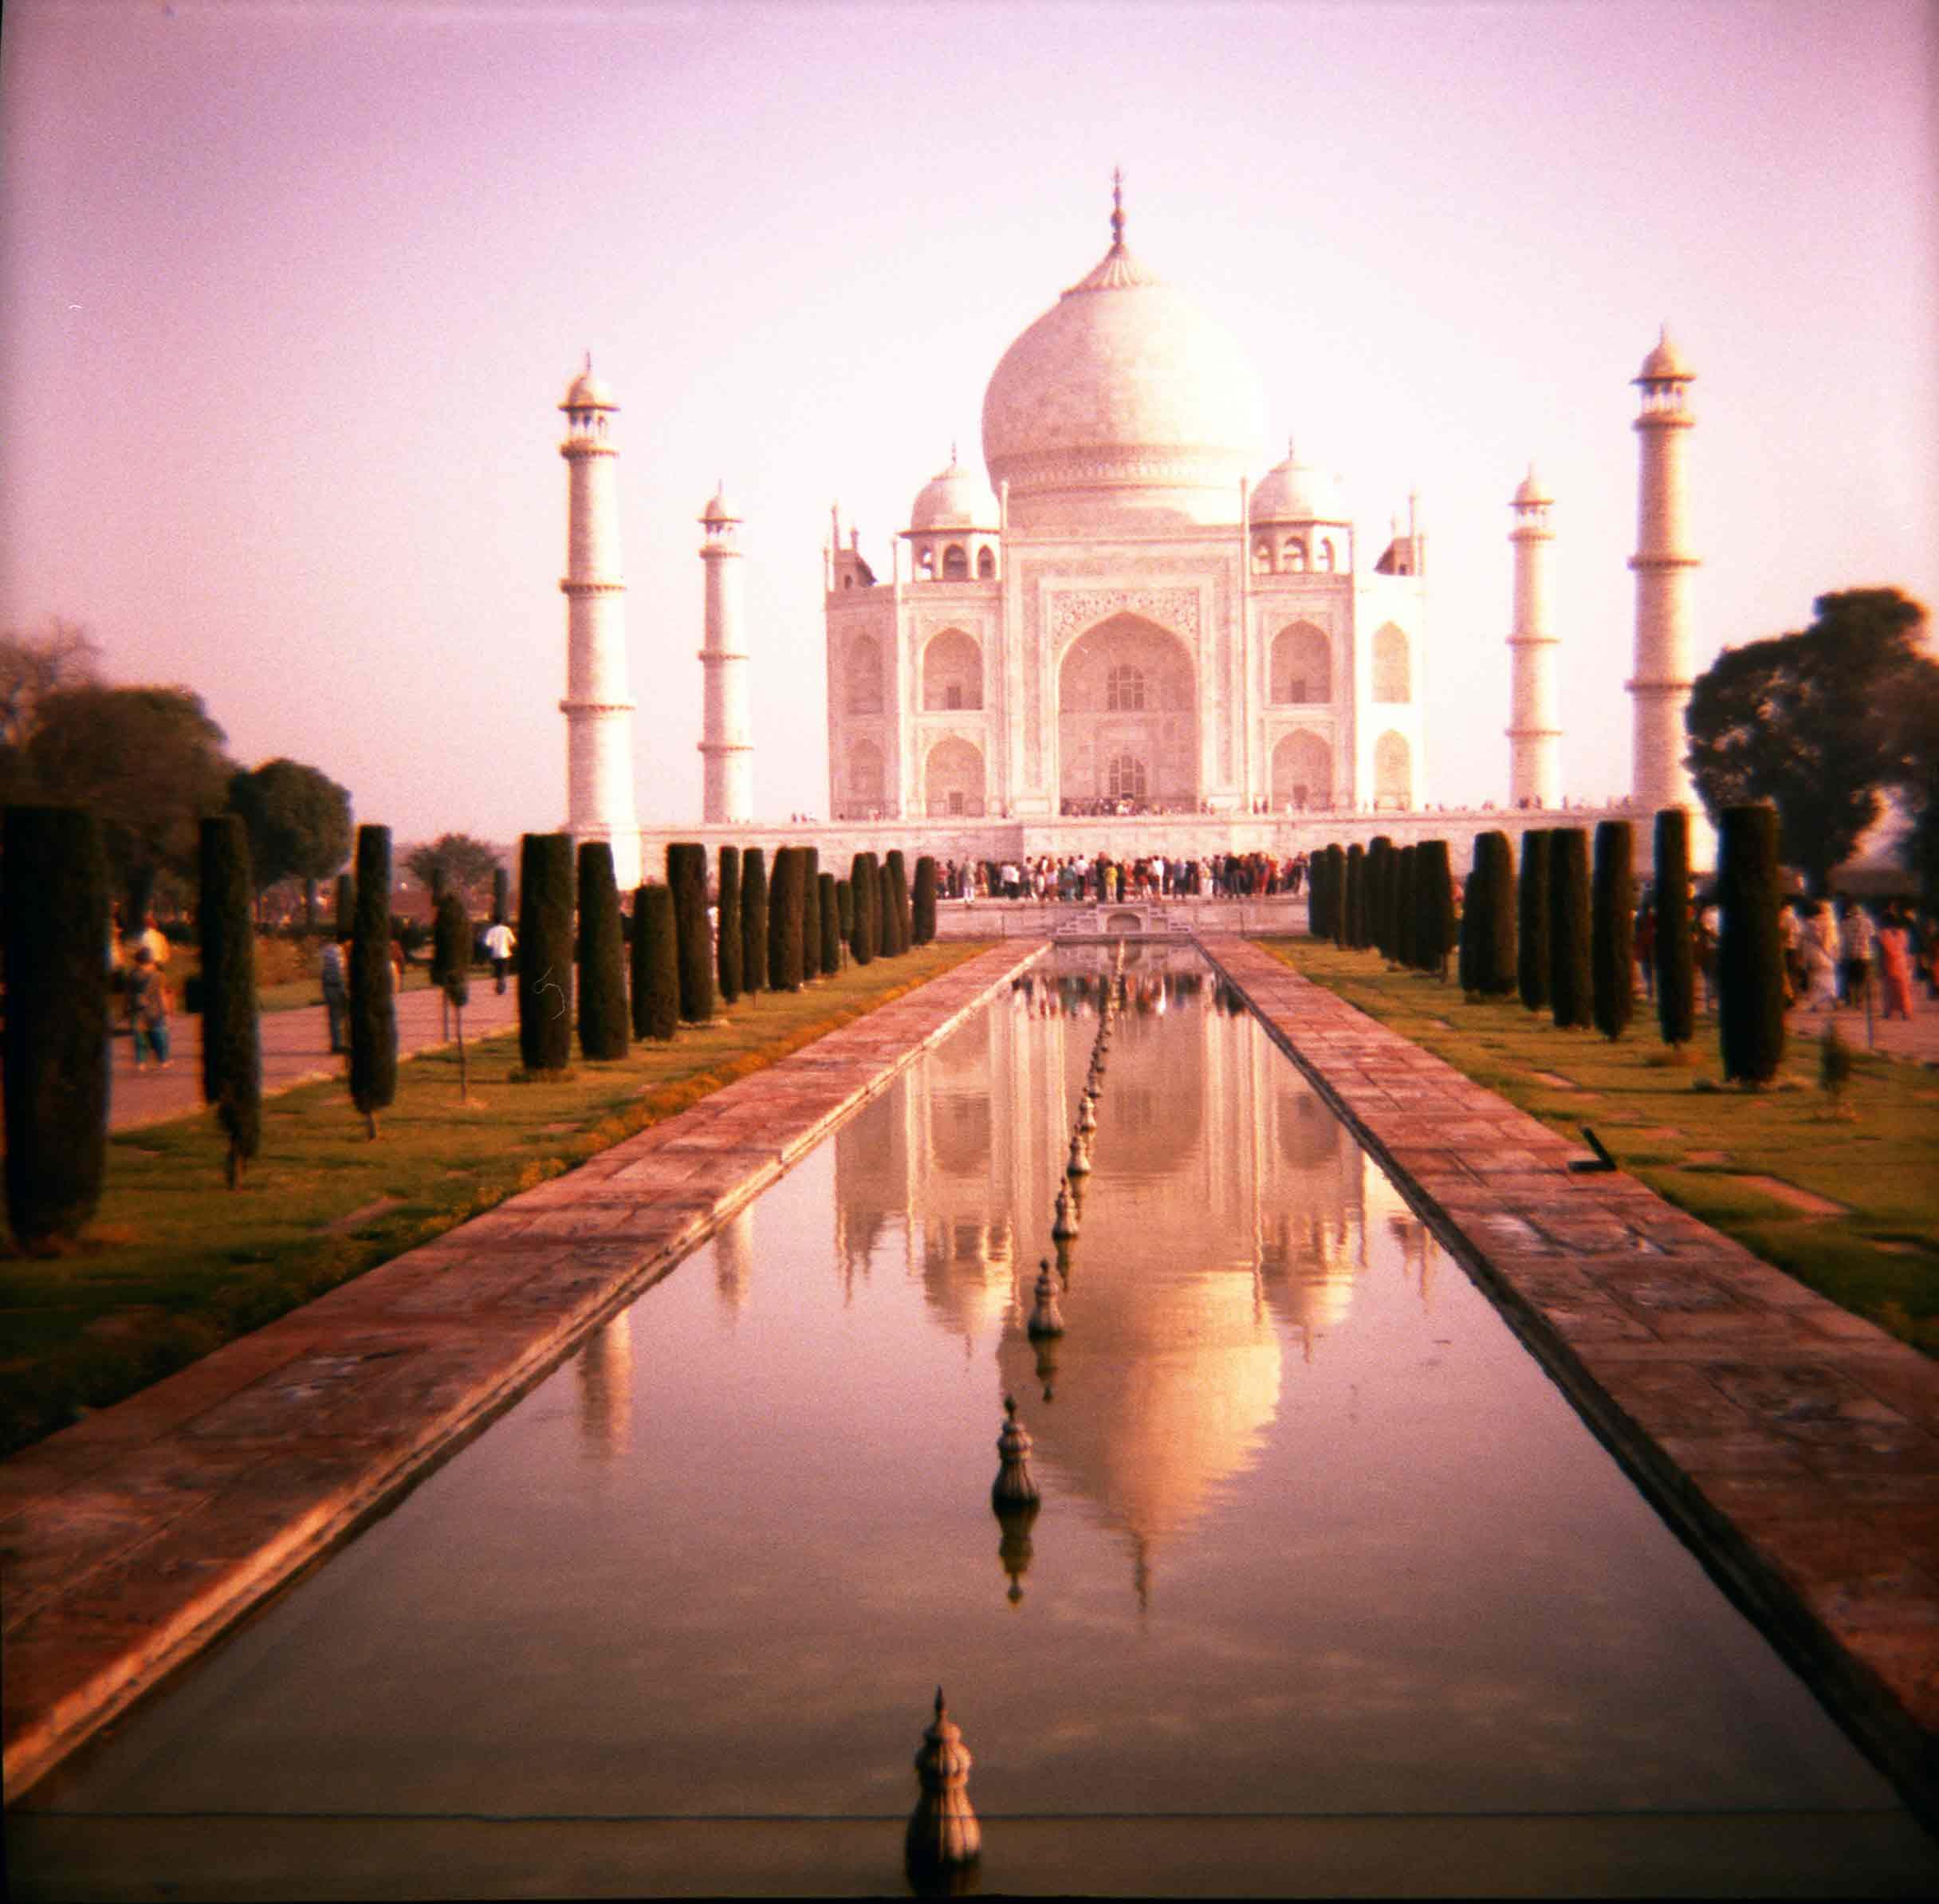 Índia com Varanasi - Agra